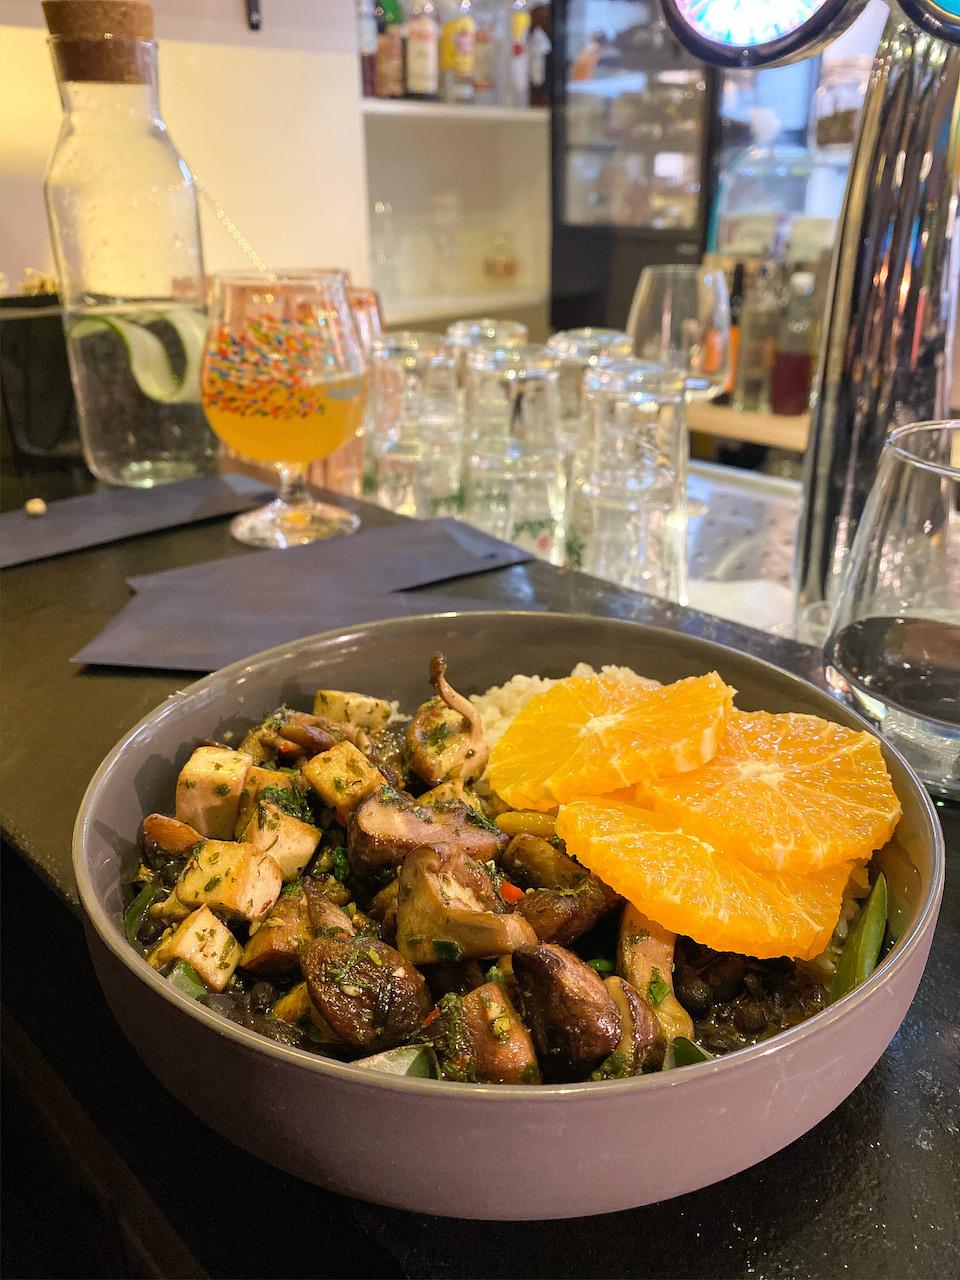 uit eten in Amsterdam Oud west restaurants - Gastrobar Colibri